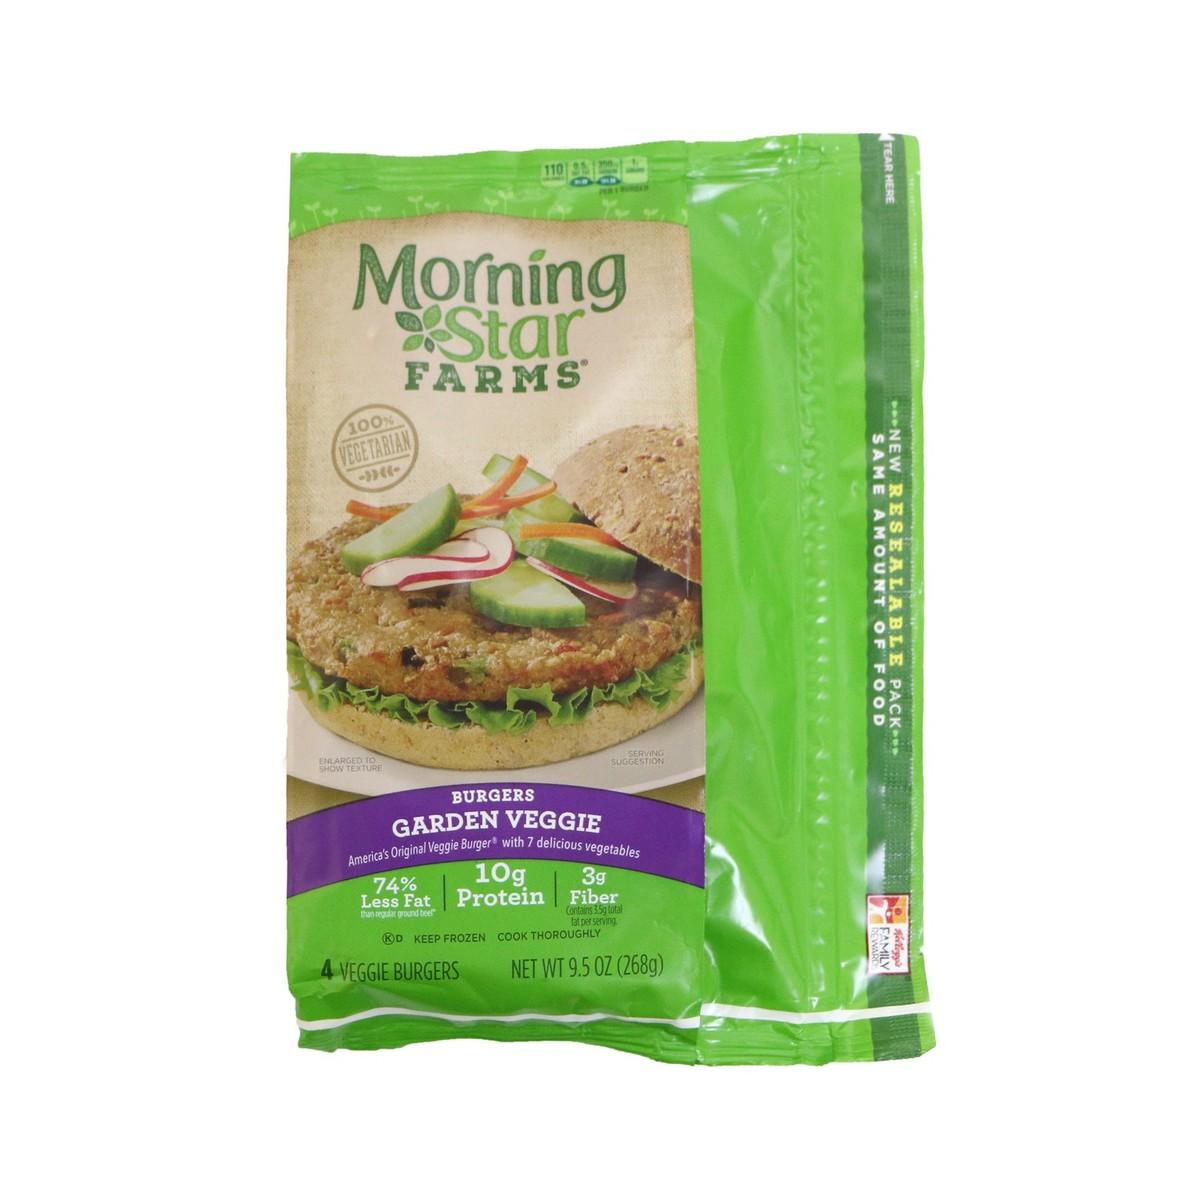 Buy Morning Star Garden Veggie Burger